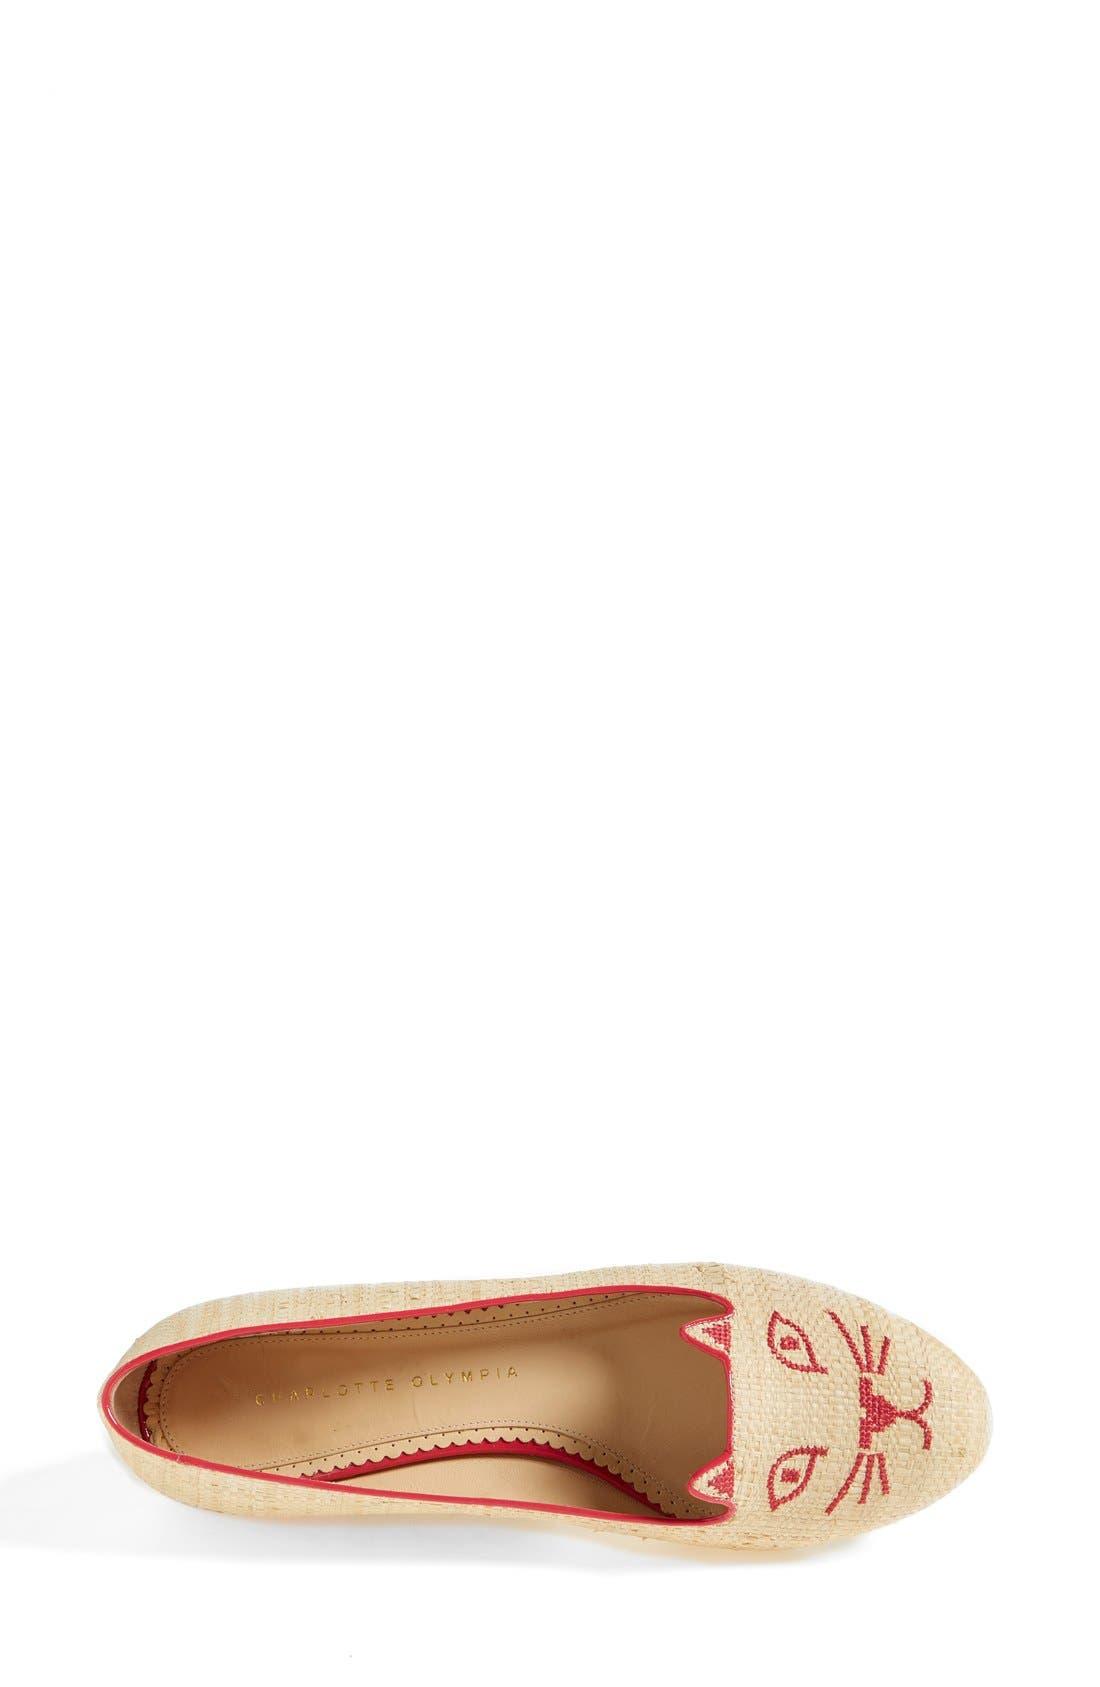 Alternate Image 3  - Charlotte Olympia 'Kitty' Flat (Women)